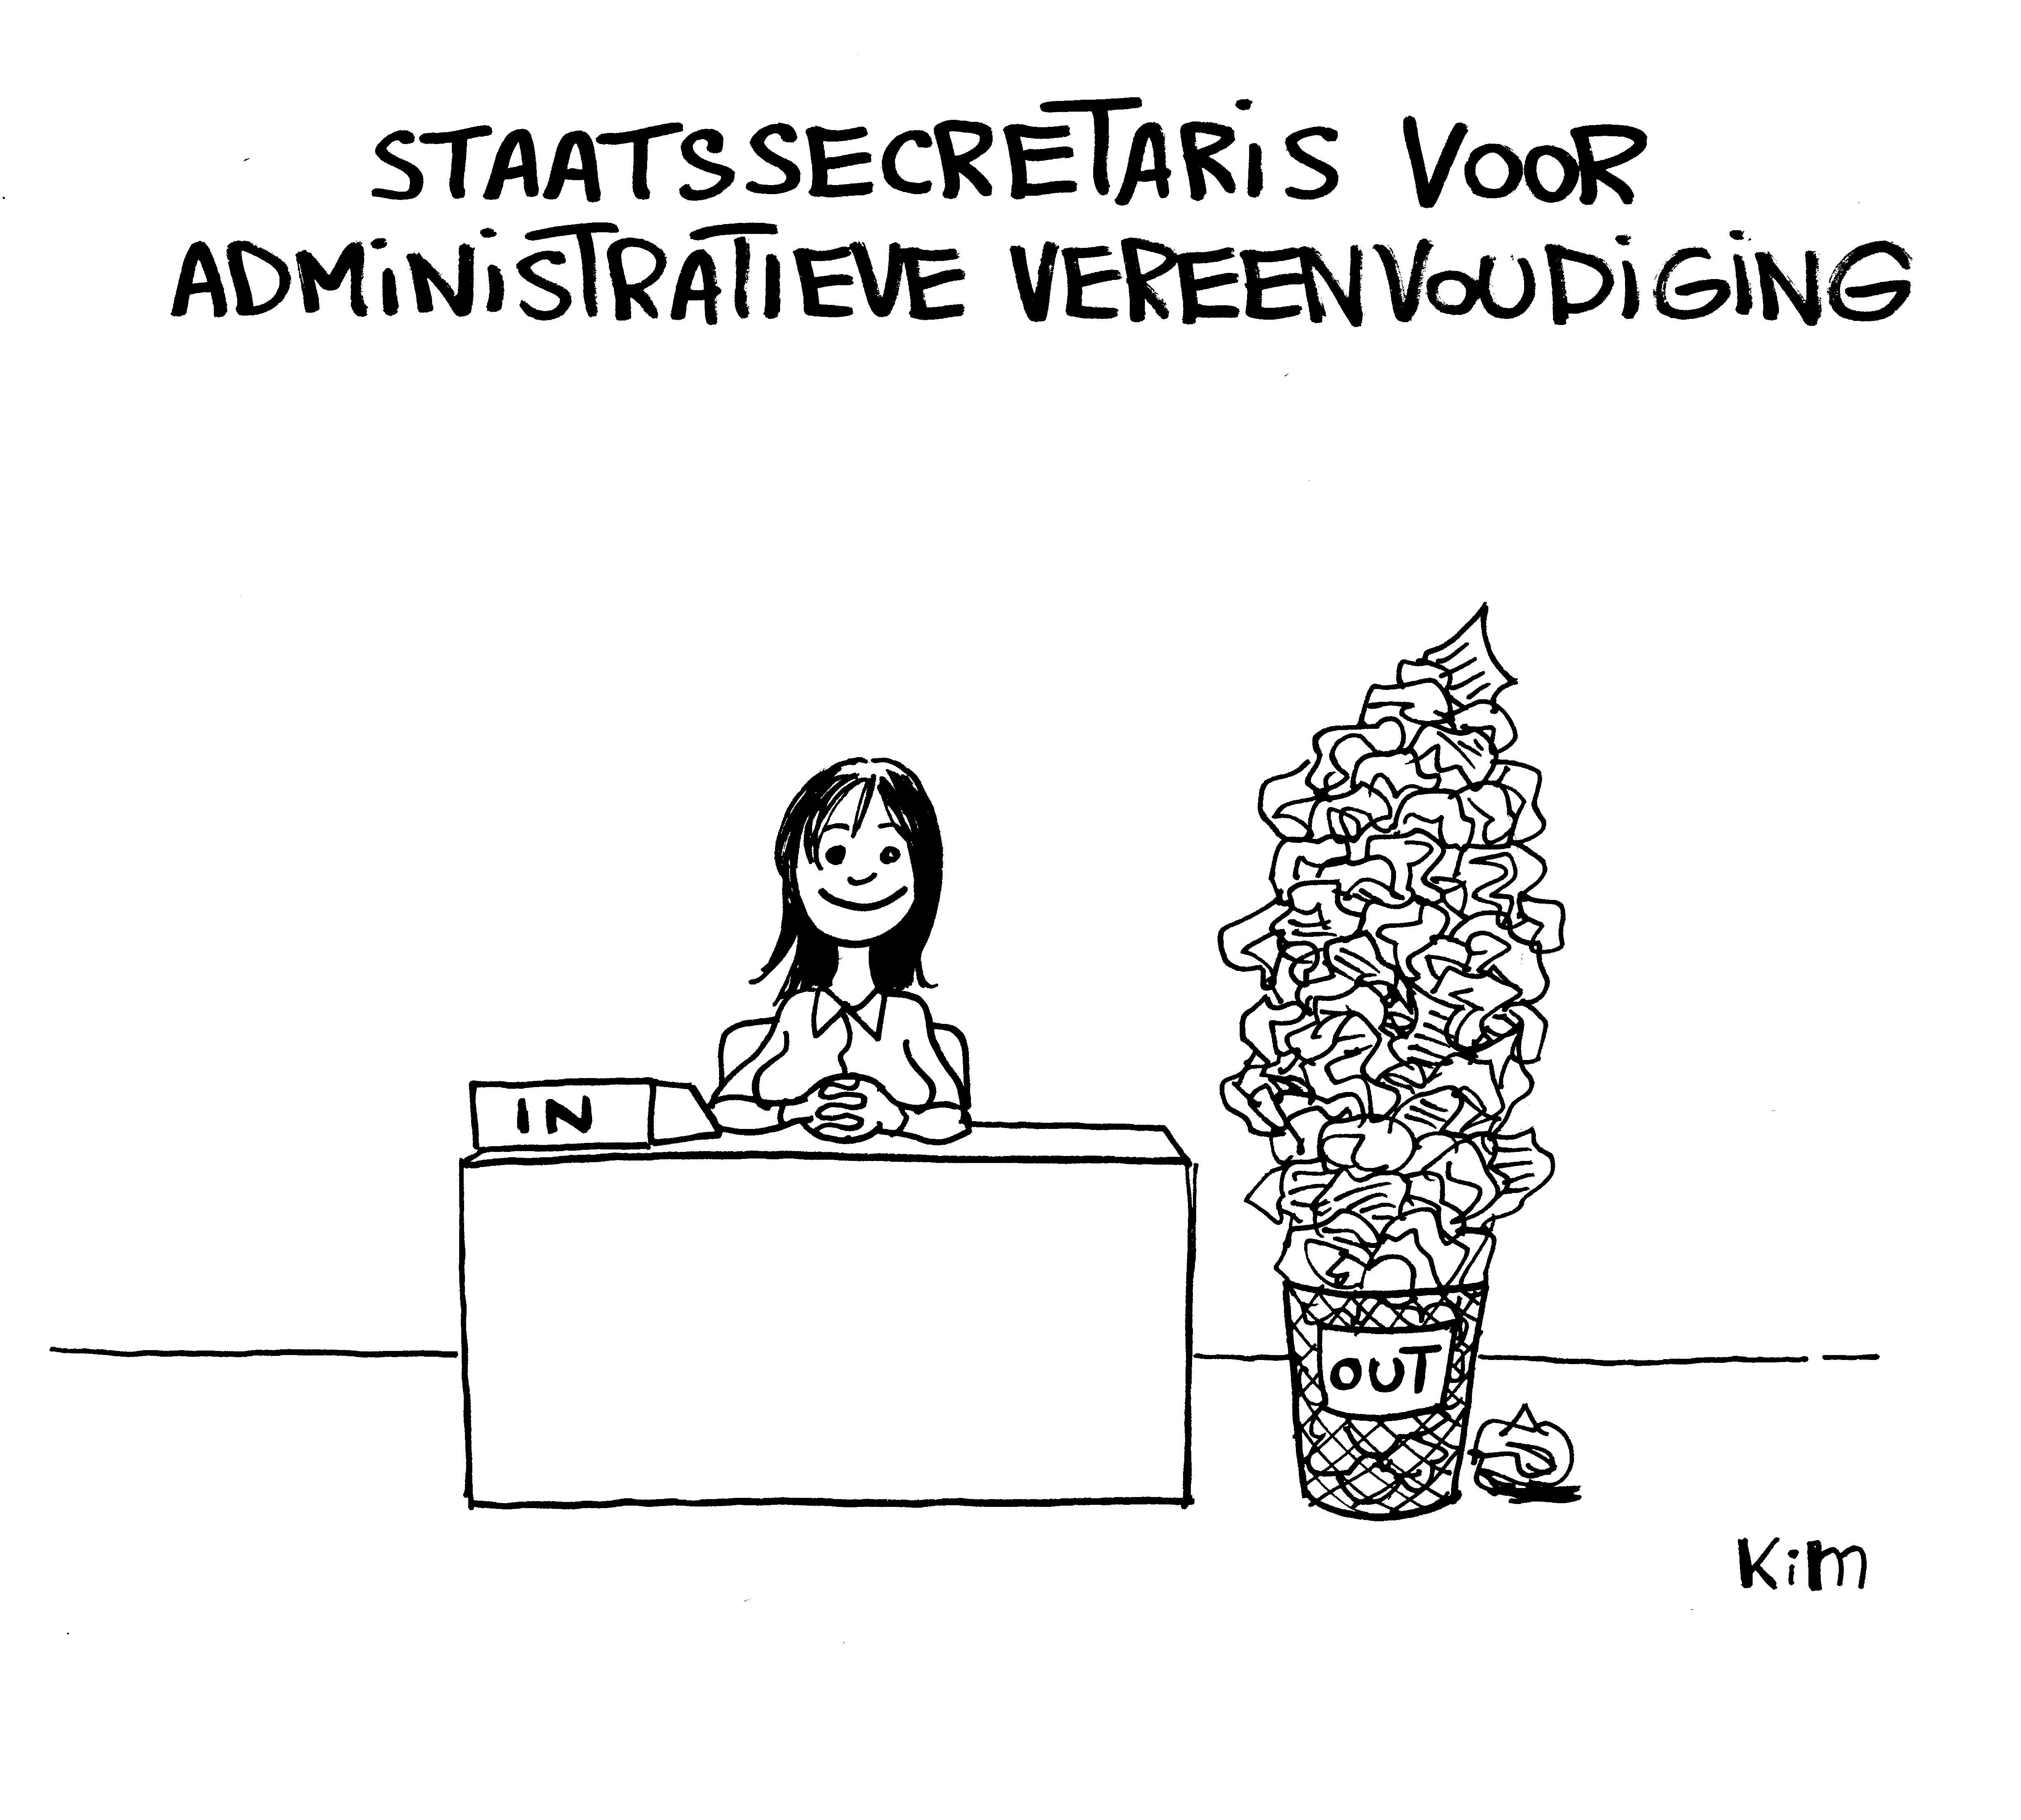 Staats secretaris voor administratieve vereenvoudiging